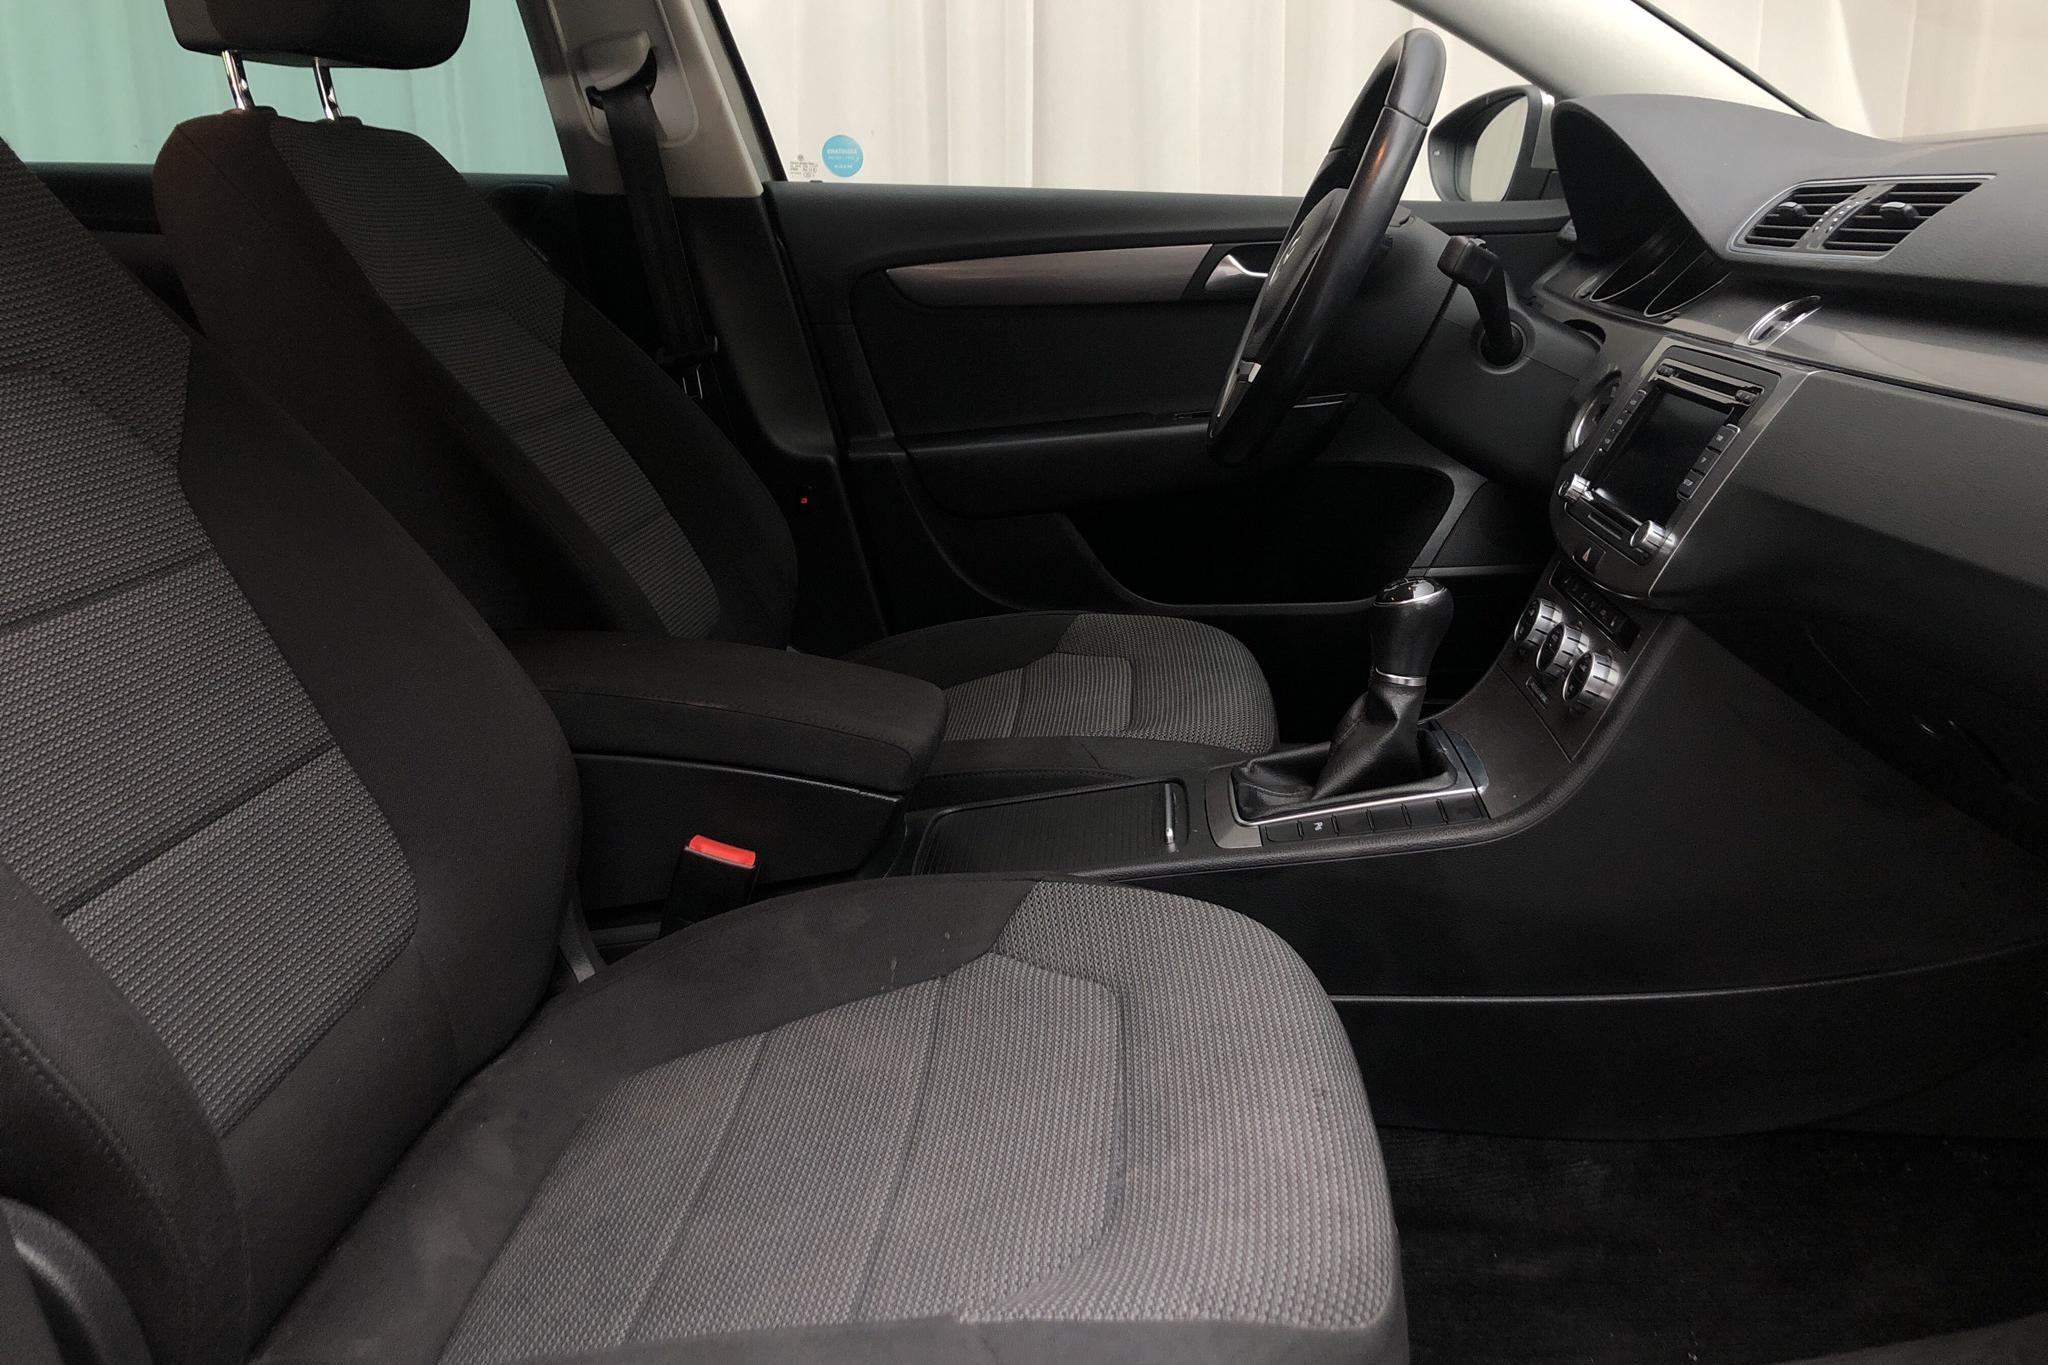 VW Passat 1.4 TSI EcoFuel Variant (150hk) - 10 832 mil - Manuell - Light Brown - 2013